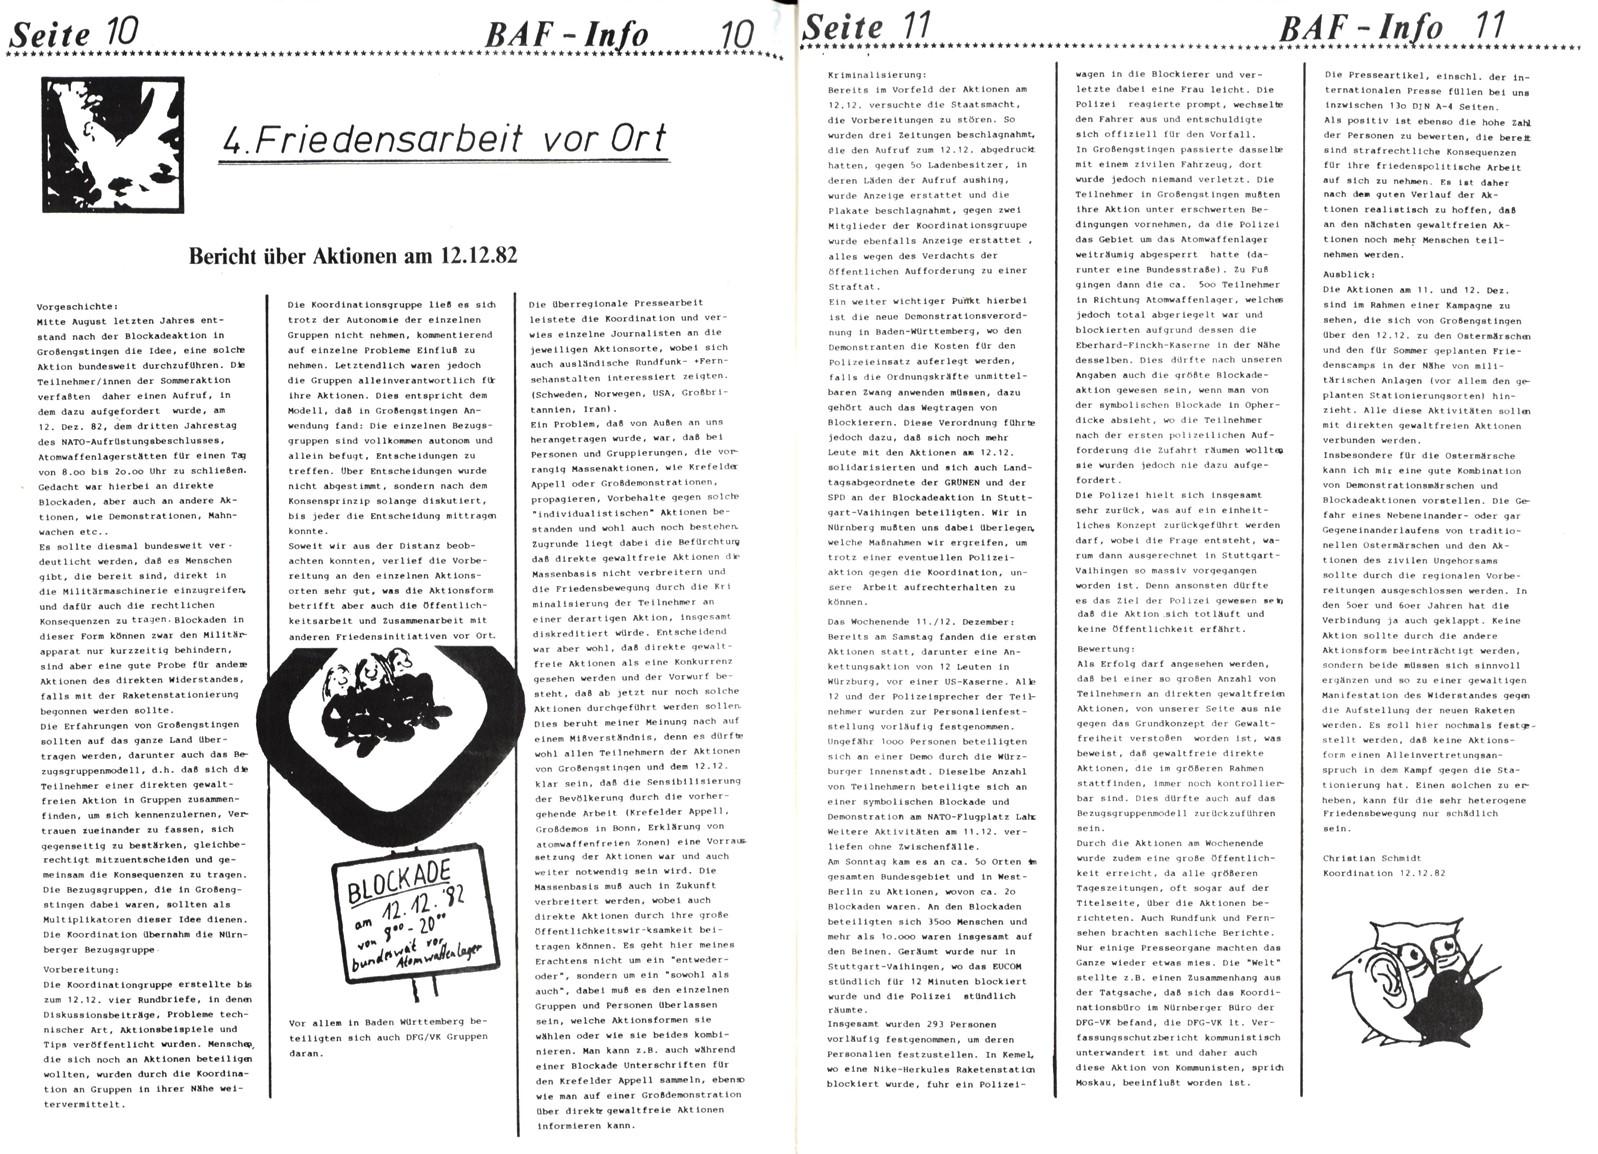 BAF_Info_02_19830100_06